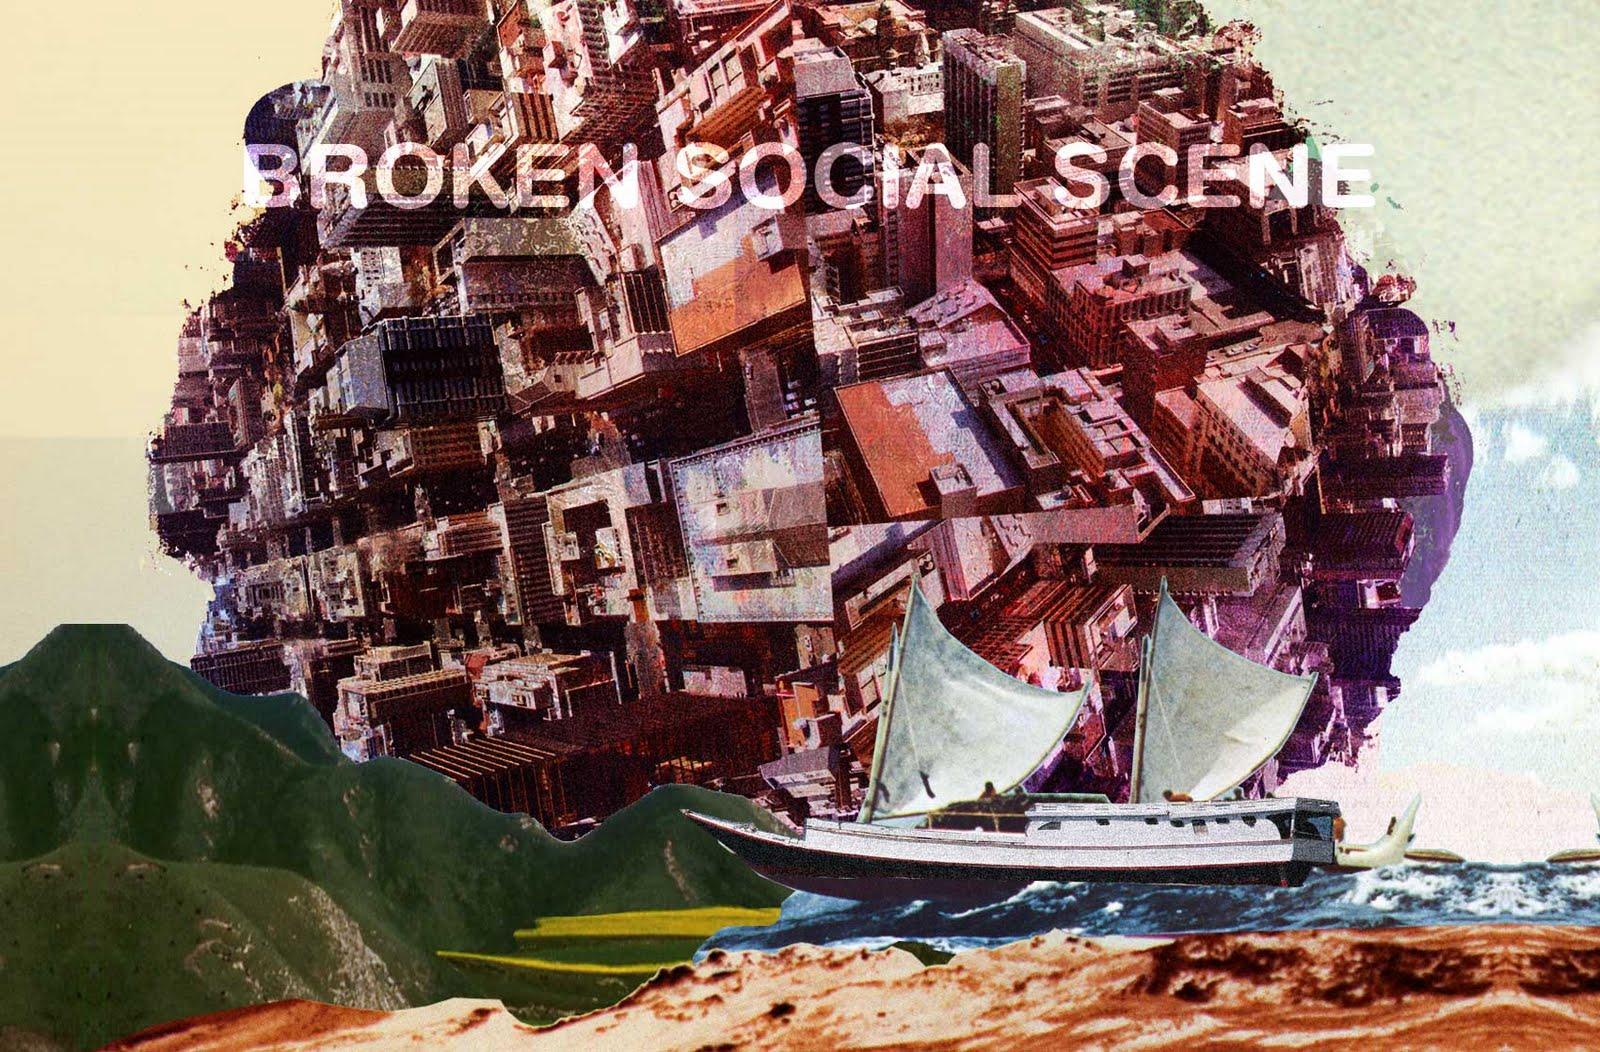 http://4.bp.blogspot.com/_s0obJtu-VZo/THTSUEtN8aI/AAAAAAAADJg/Z0w_ztNmkbA/s1600/broken_social_scene.jpg